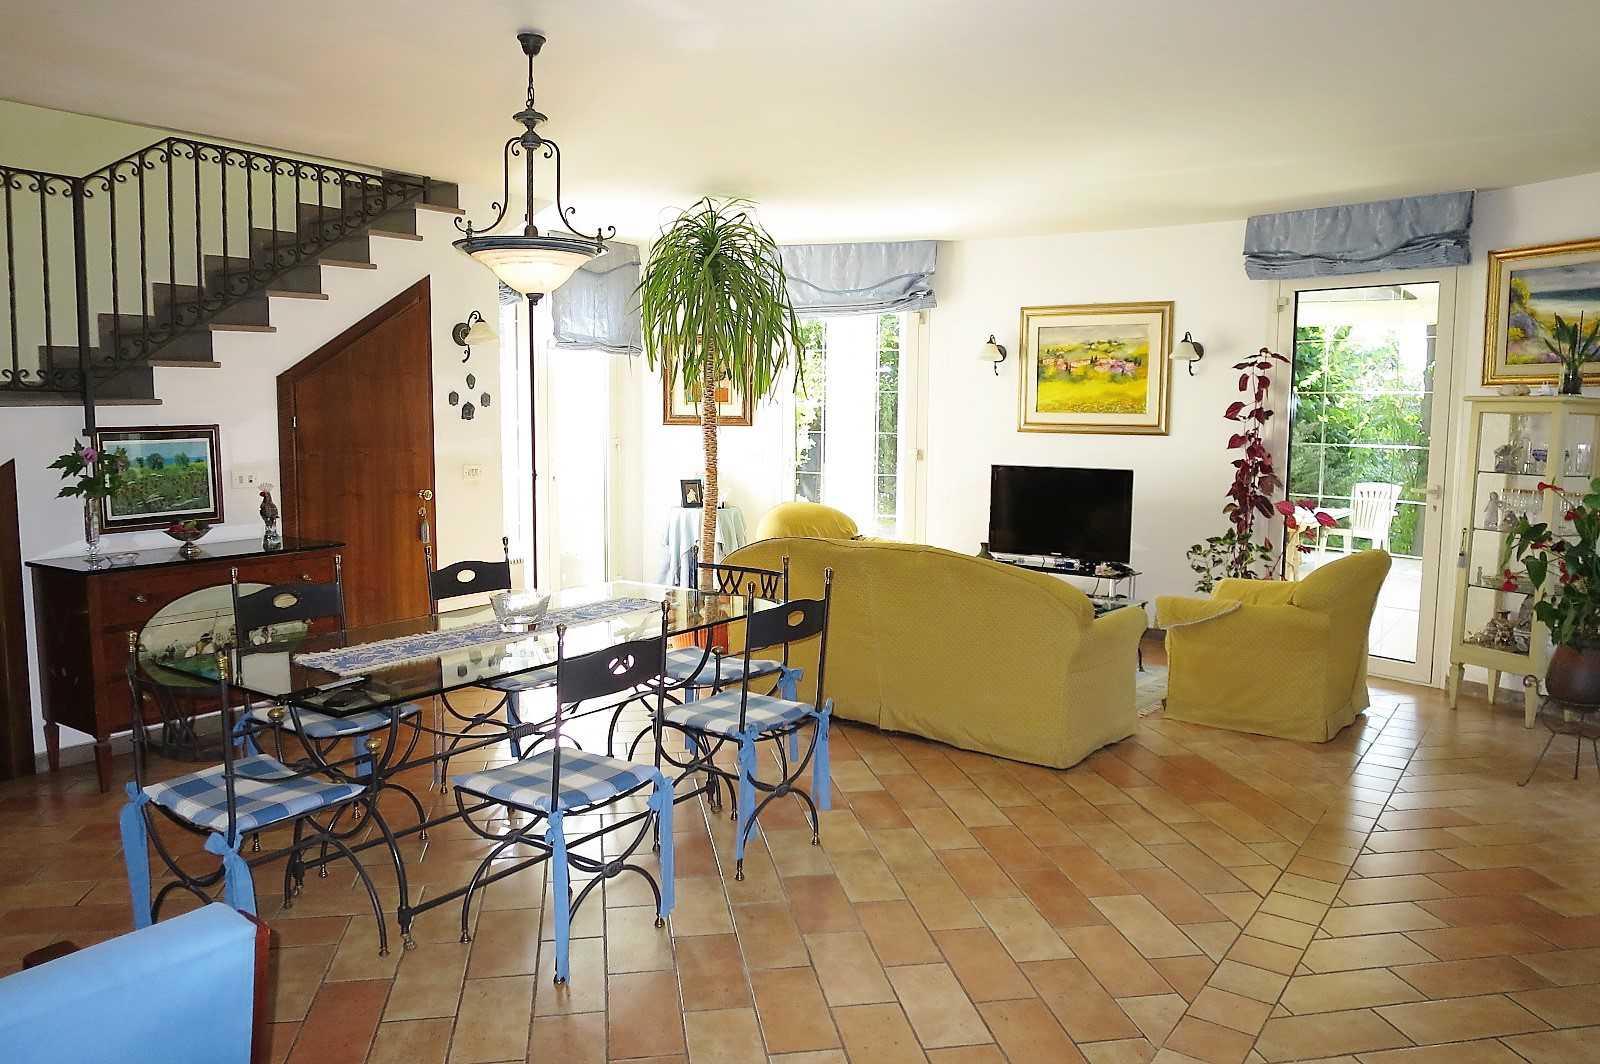 Villa Villa for sale Atri (TE), Villa Paola - Atri - EUR 462.107 110